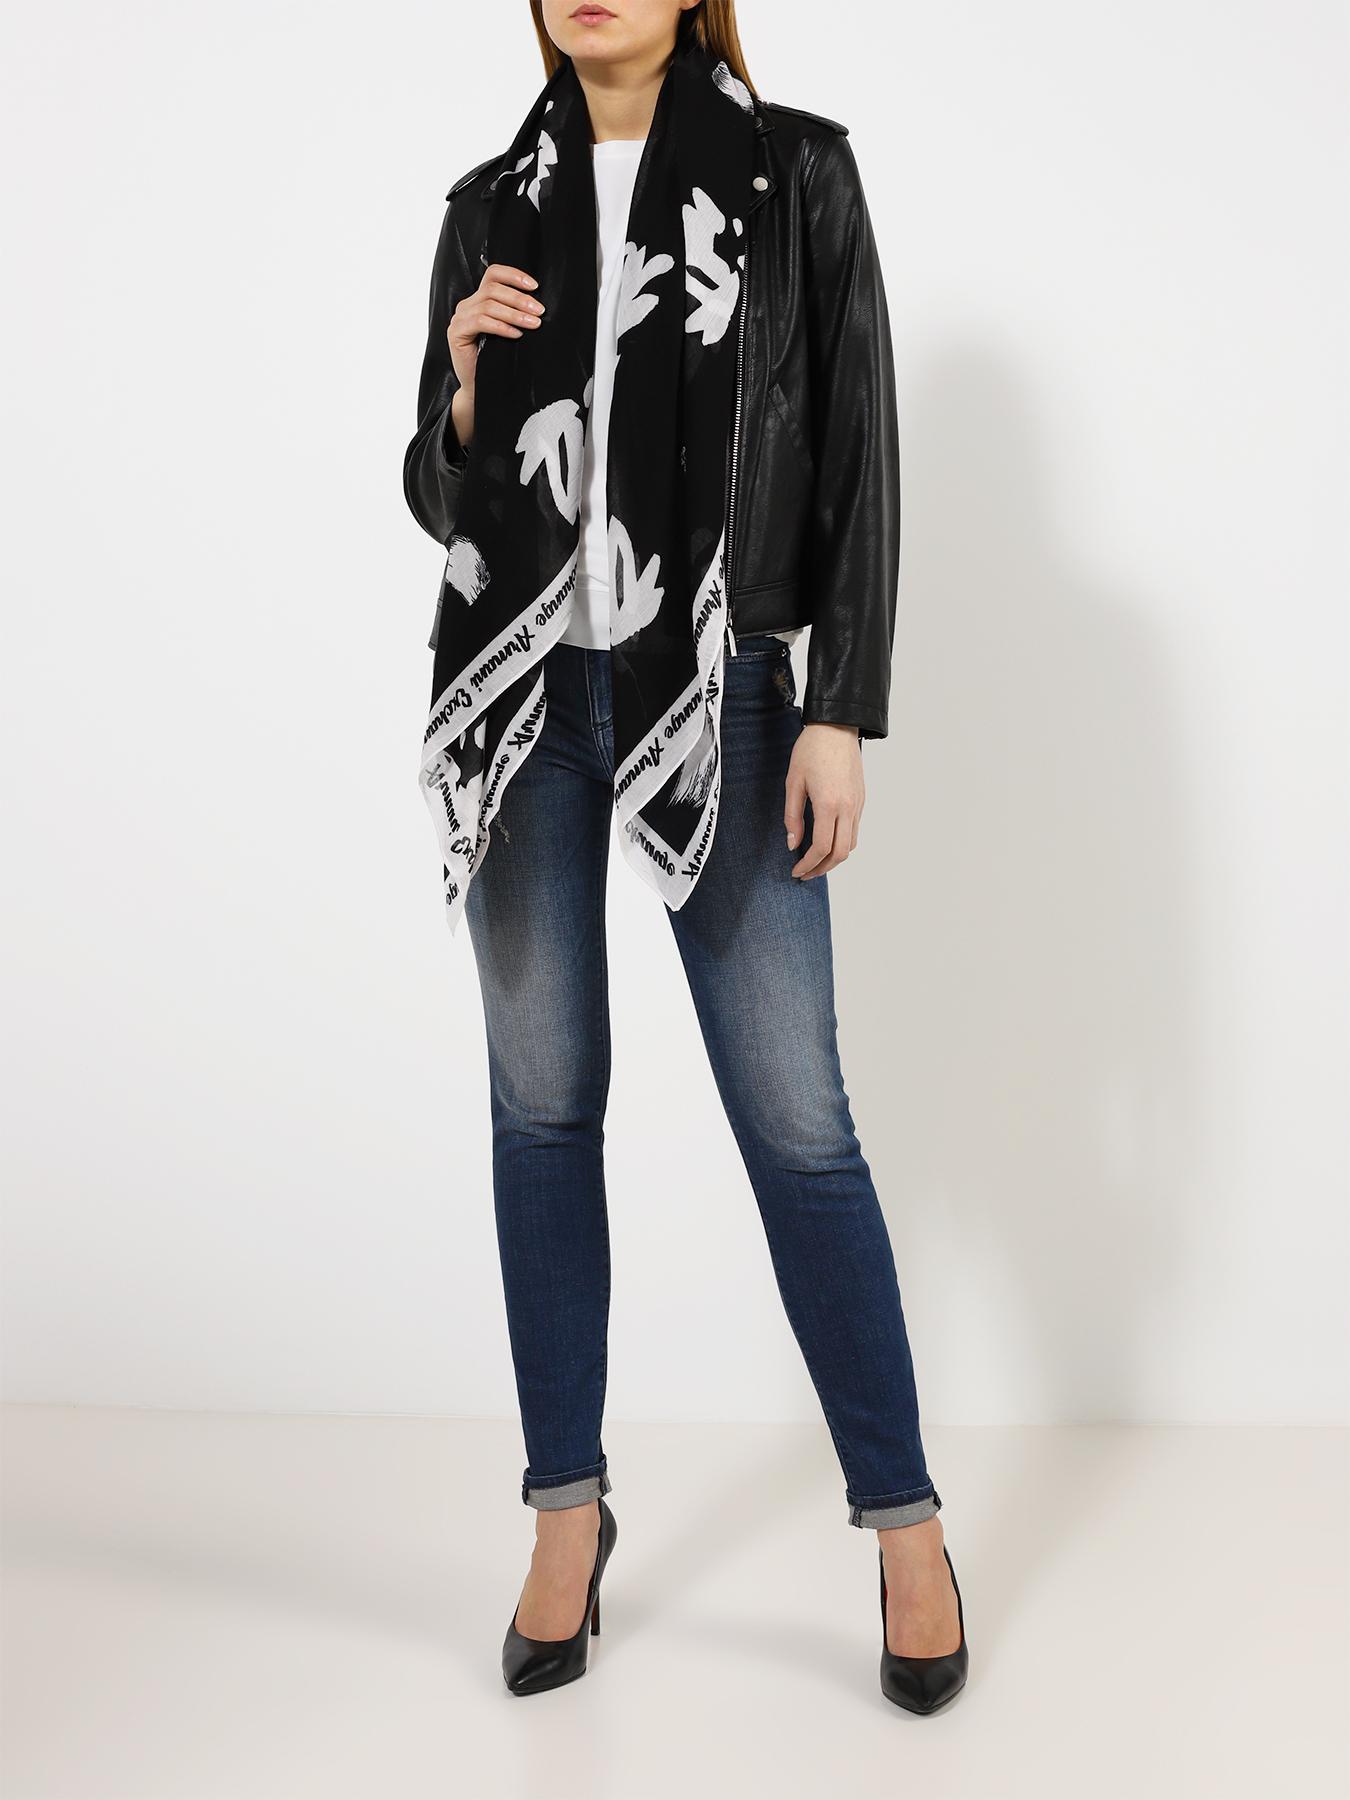 Платок Armani Exchange Женский платок платок женский vita pelle цвет синий k09p554428 размер универсальный